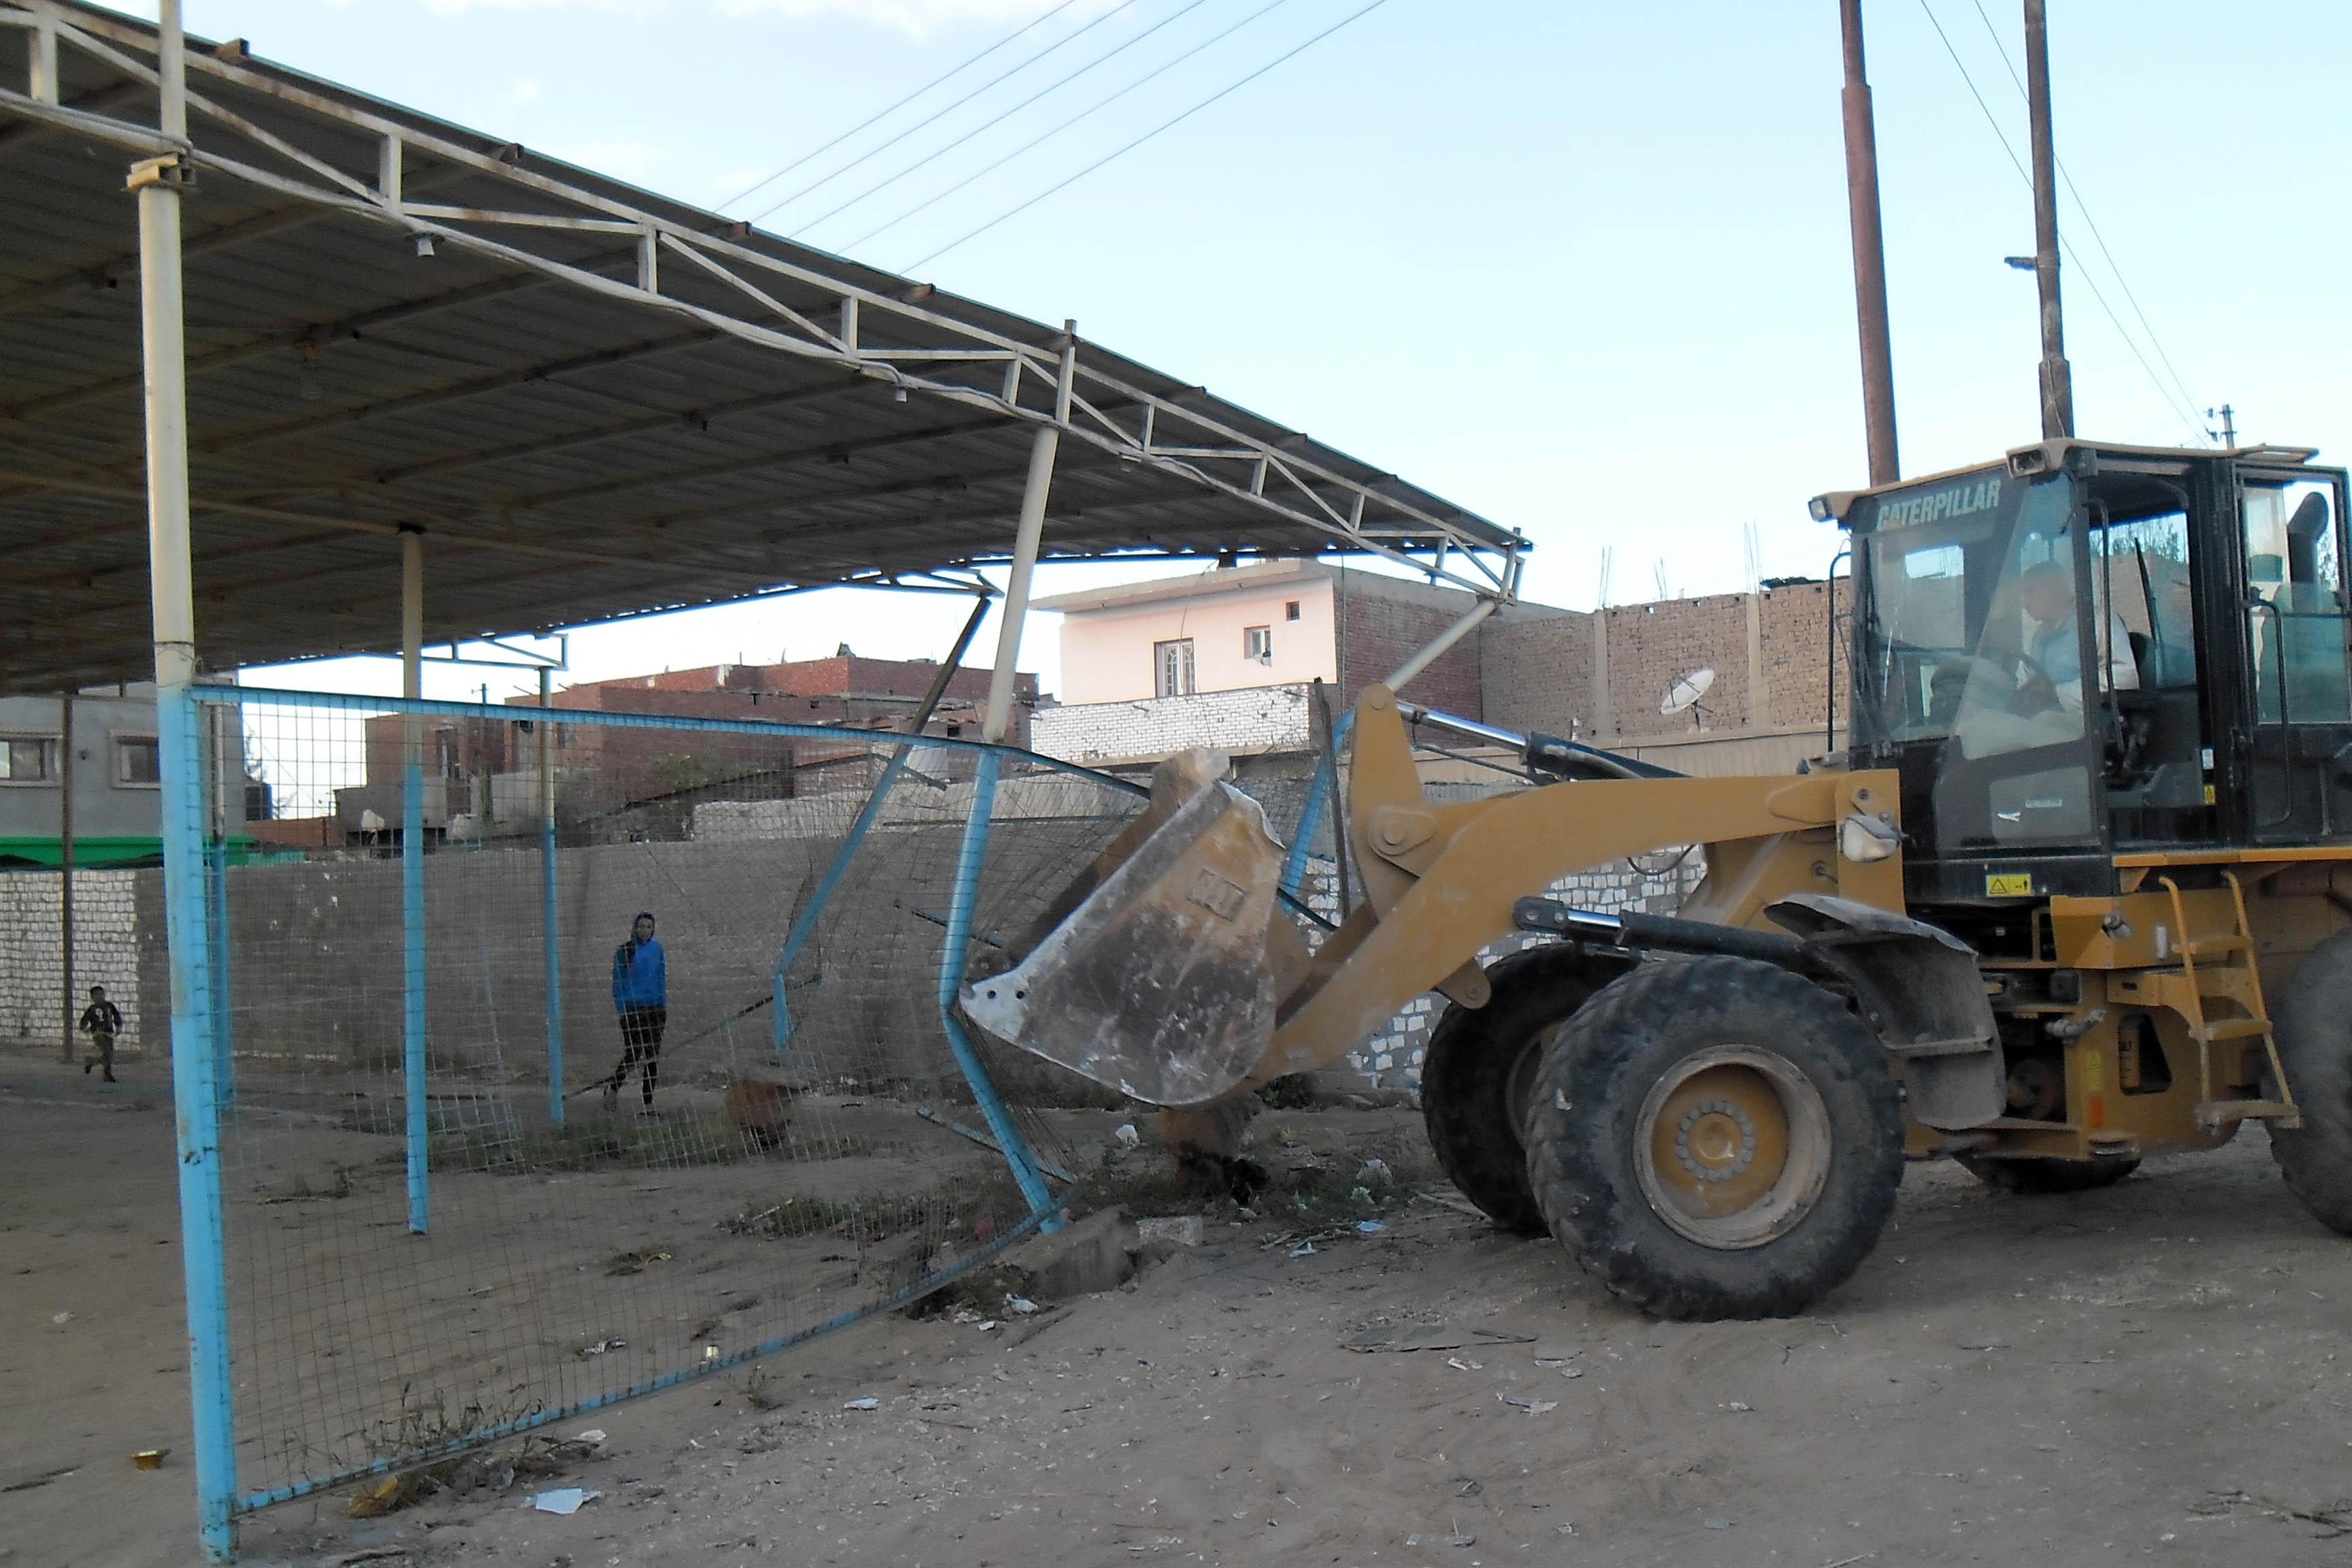 عمليات الإزالة  بمنطقة الحرش  ونطاق القنطرة  غرب - الصور  من ديوان  محافظة الإسماعيلية   (1)